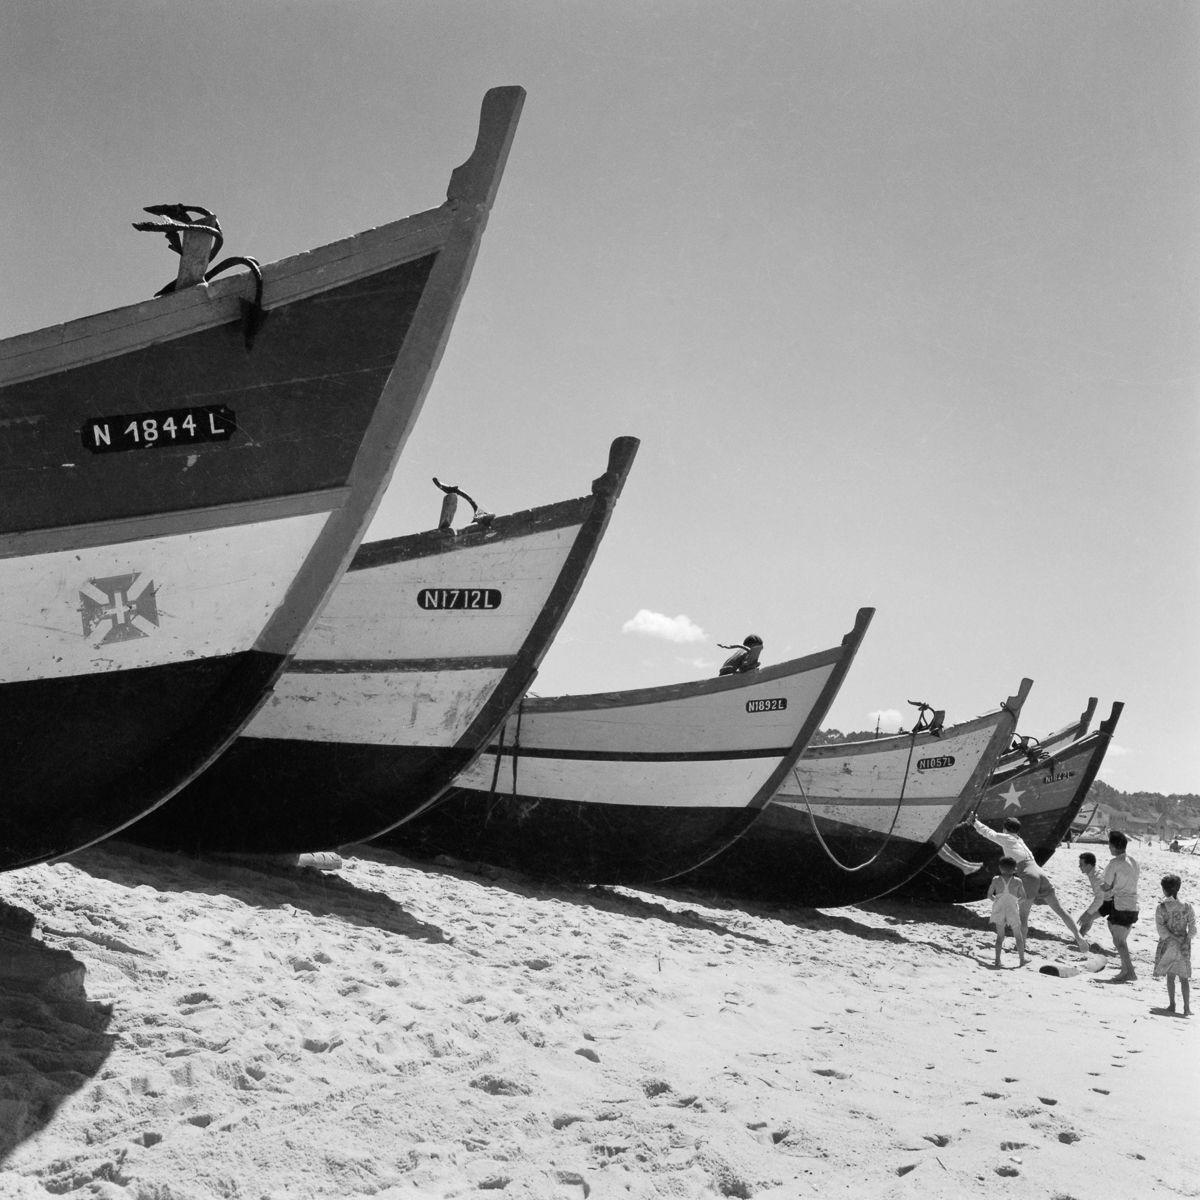 Fotografias deslumbrantes capturam a cultura da pesca dos anos 50 em Portugal 28